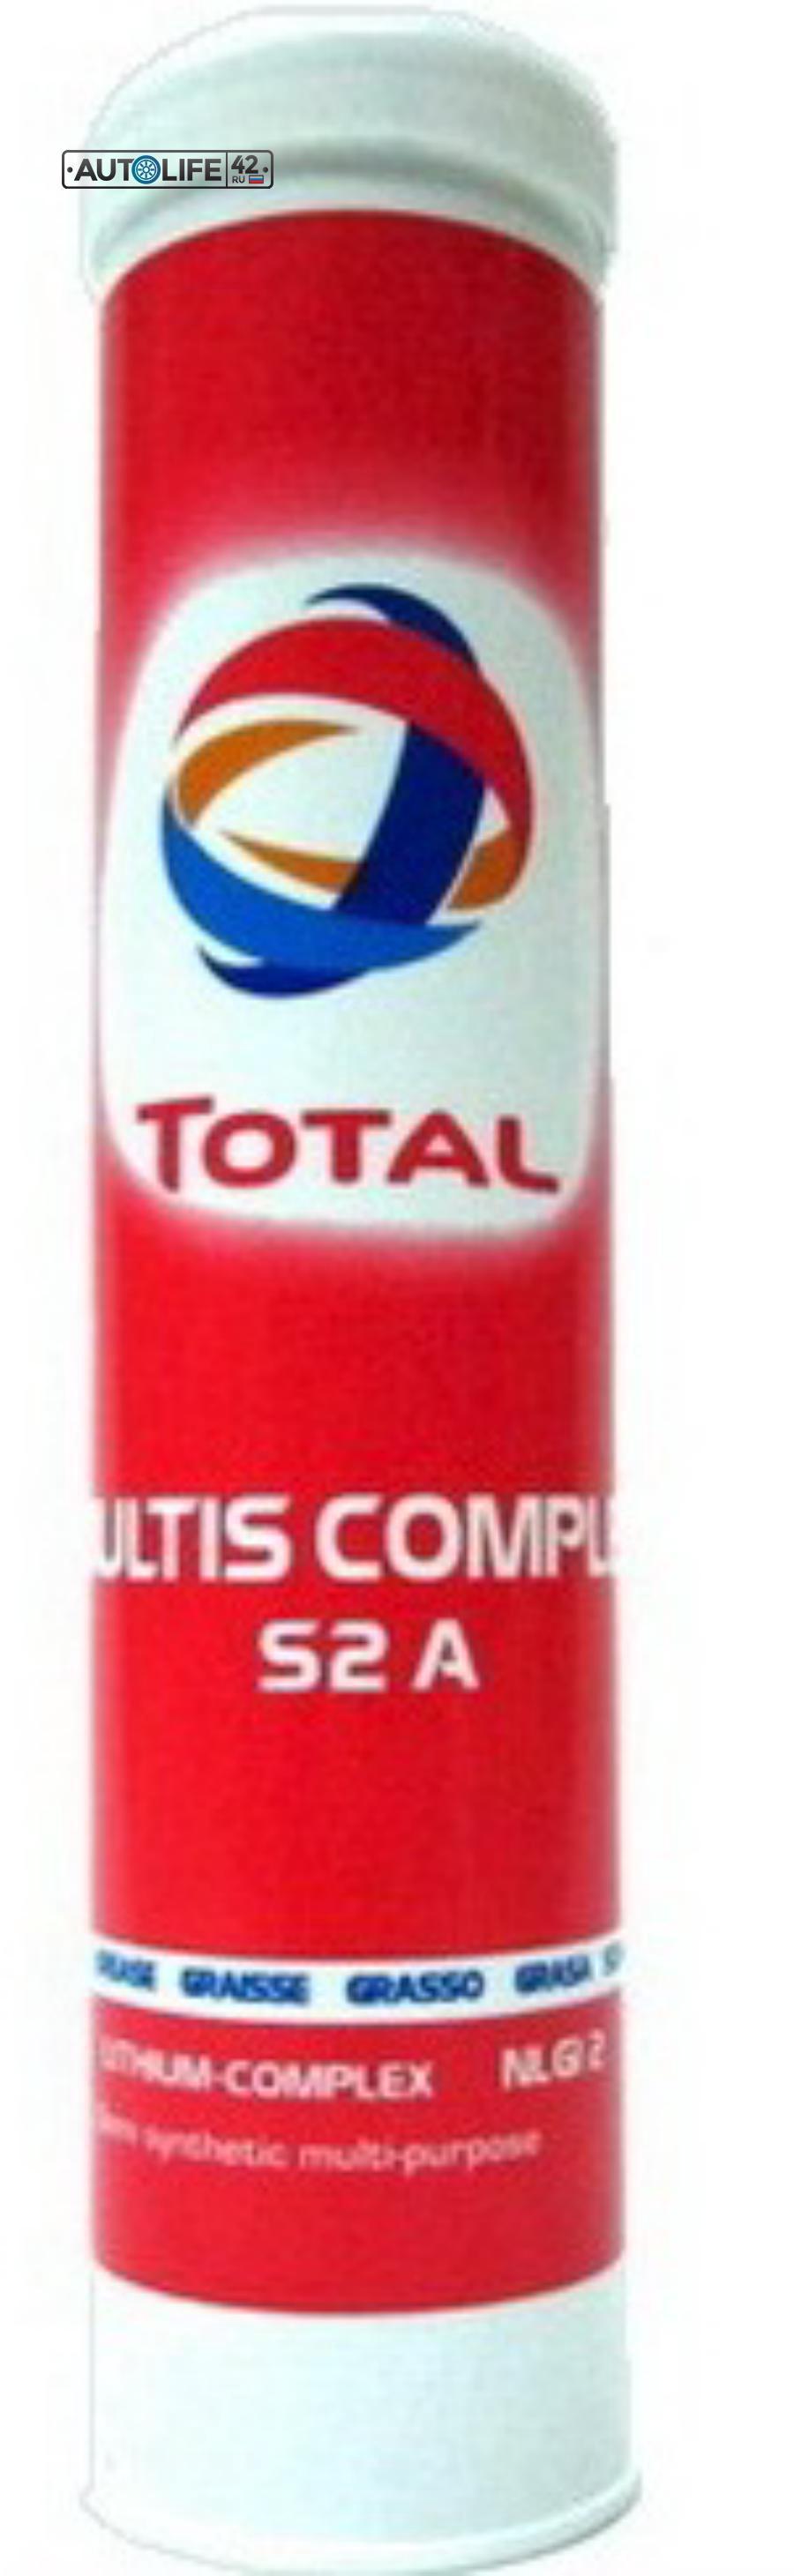 Универсальная смазка Multis Complex S2A